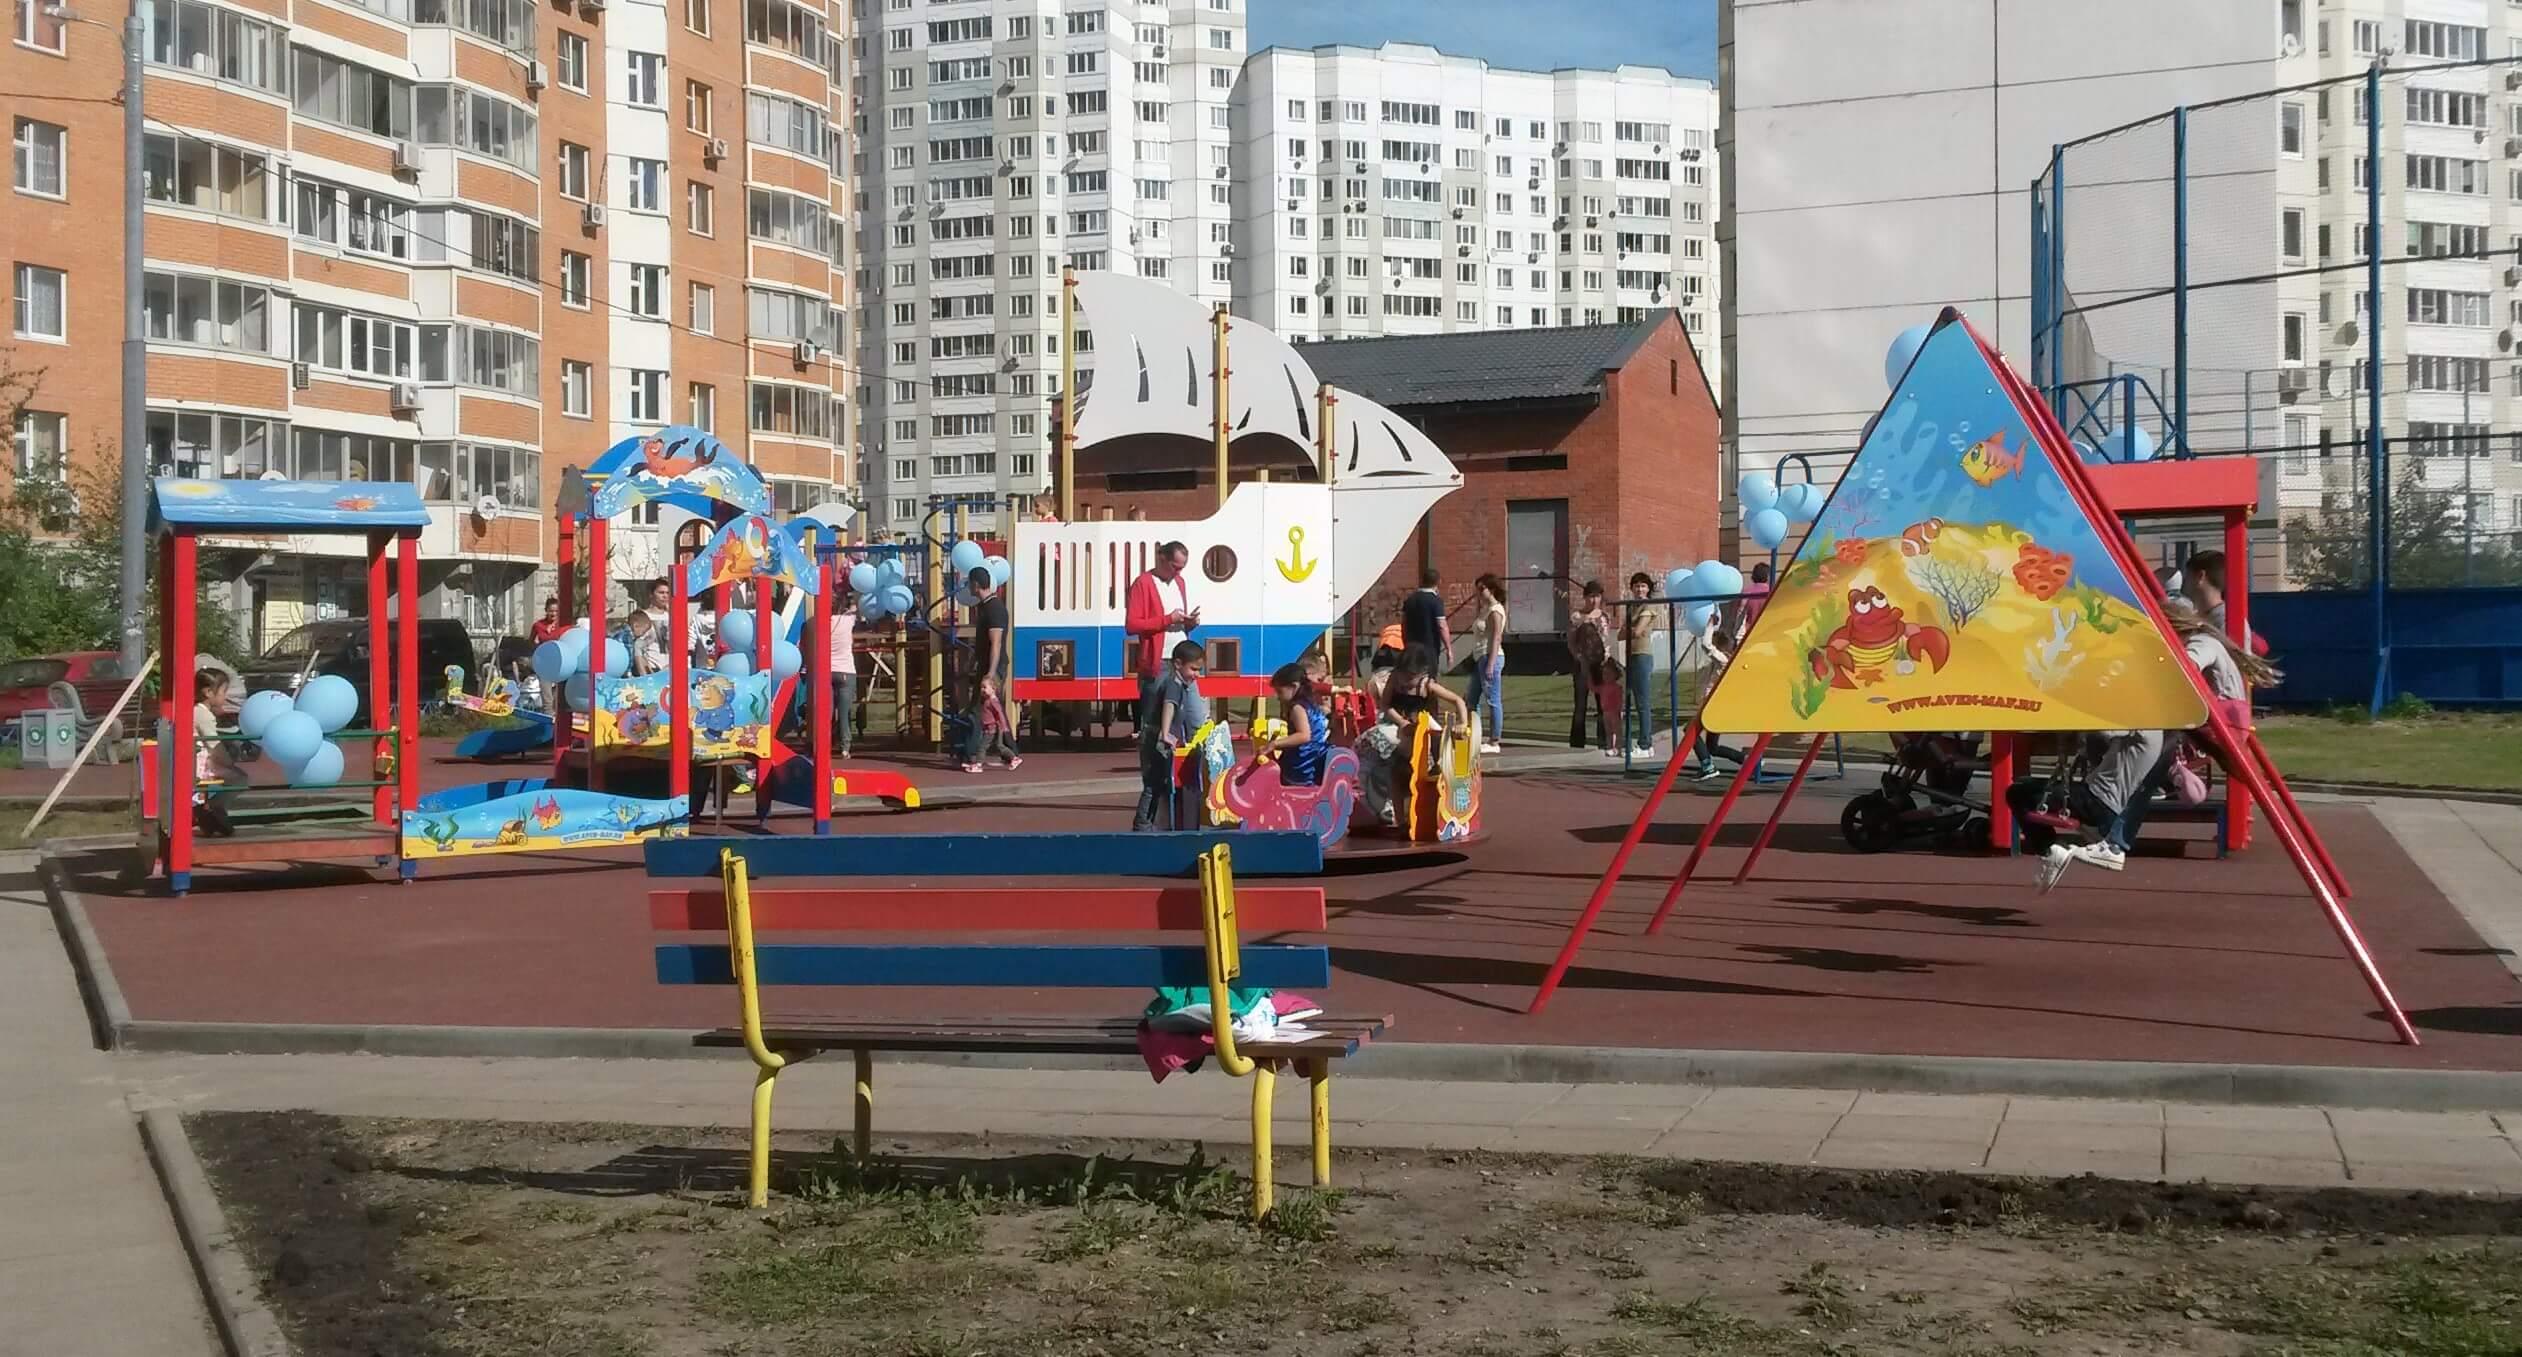 Около 80 детских и спортплощадок без документов выявили в Павшинской Пойме